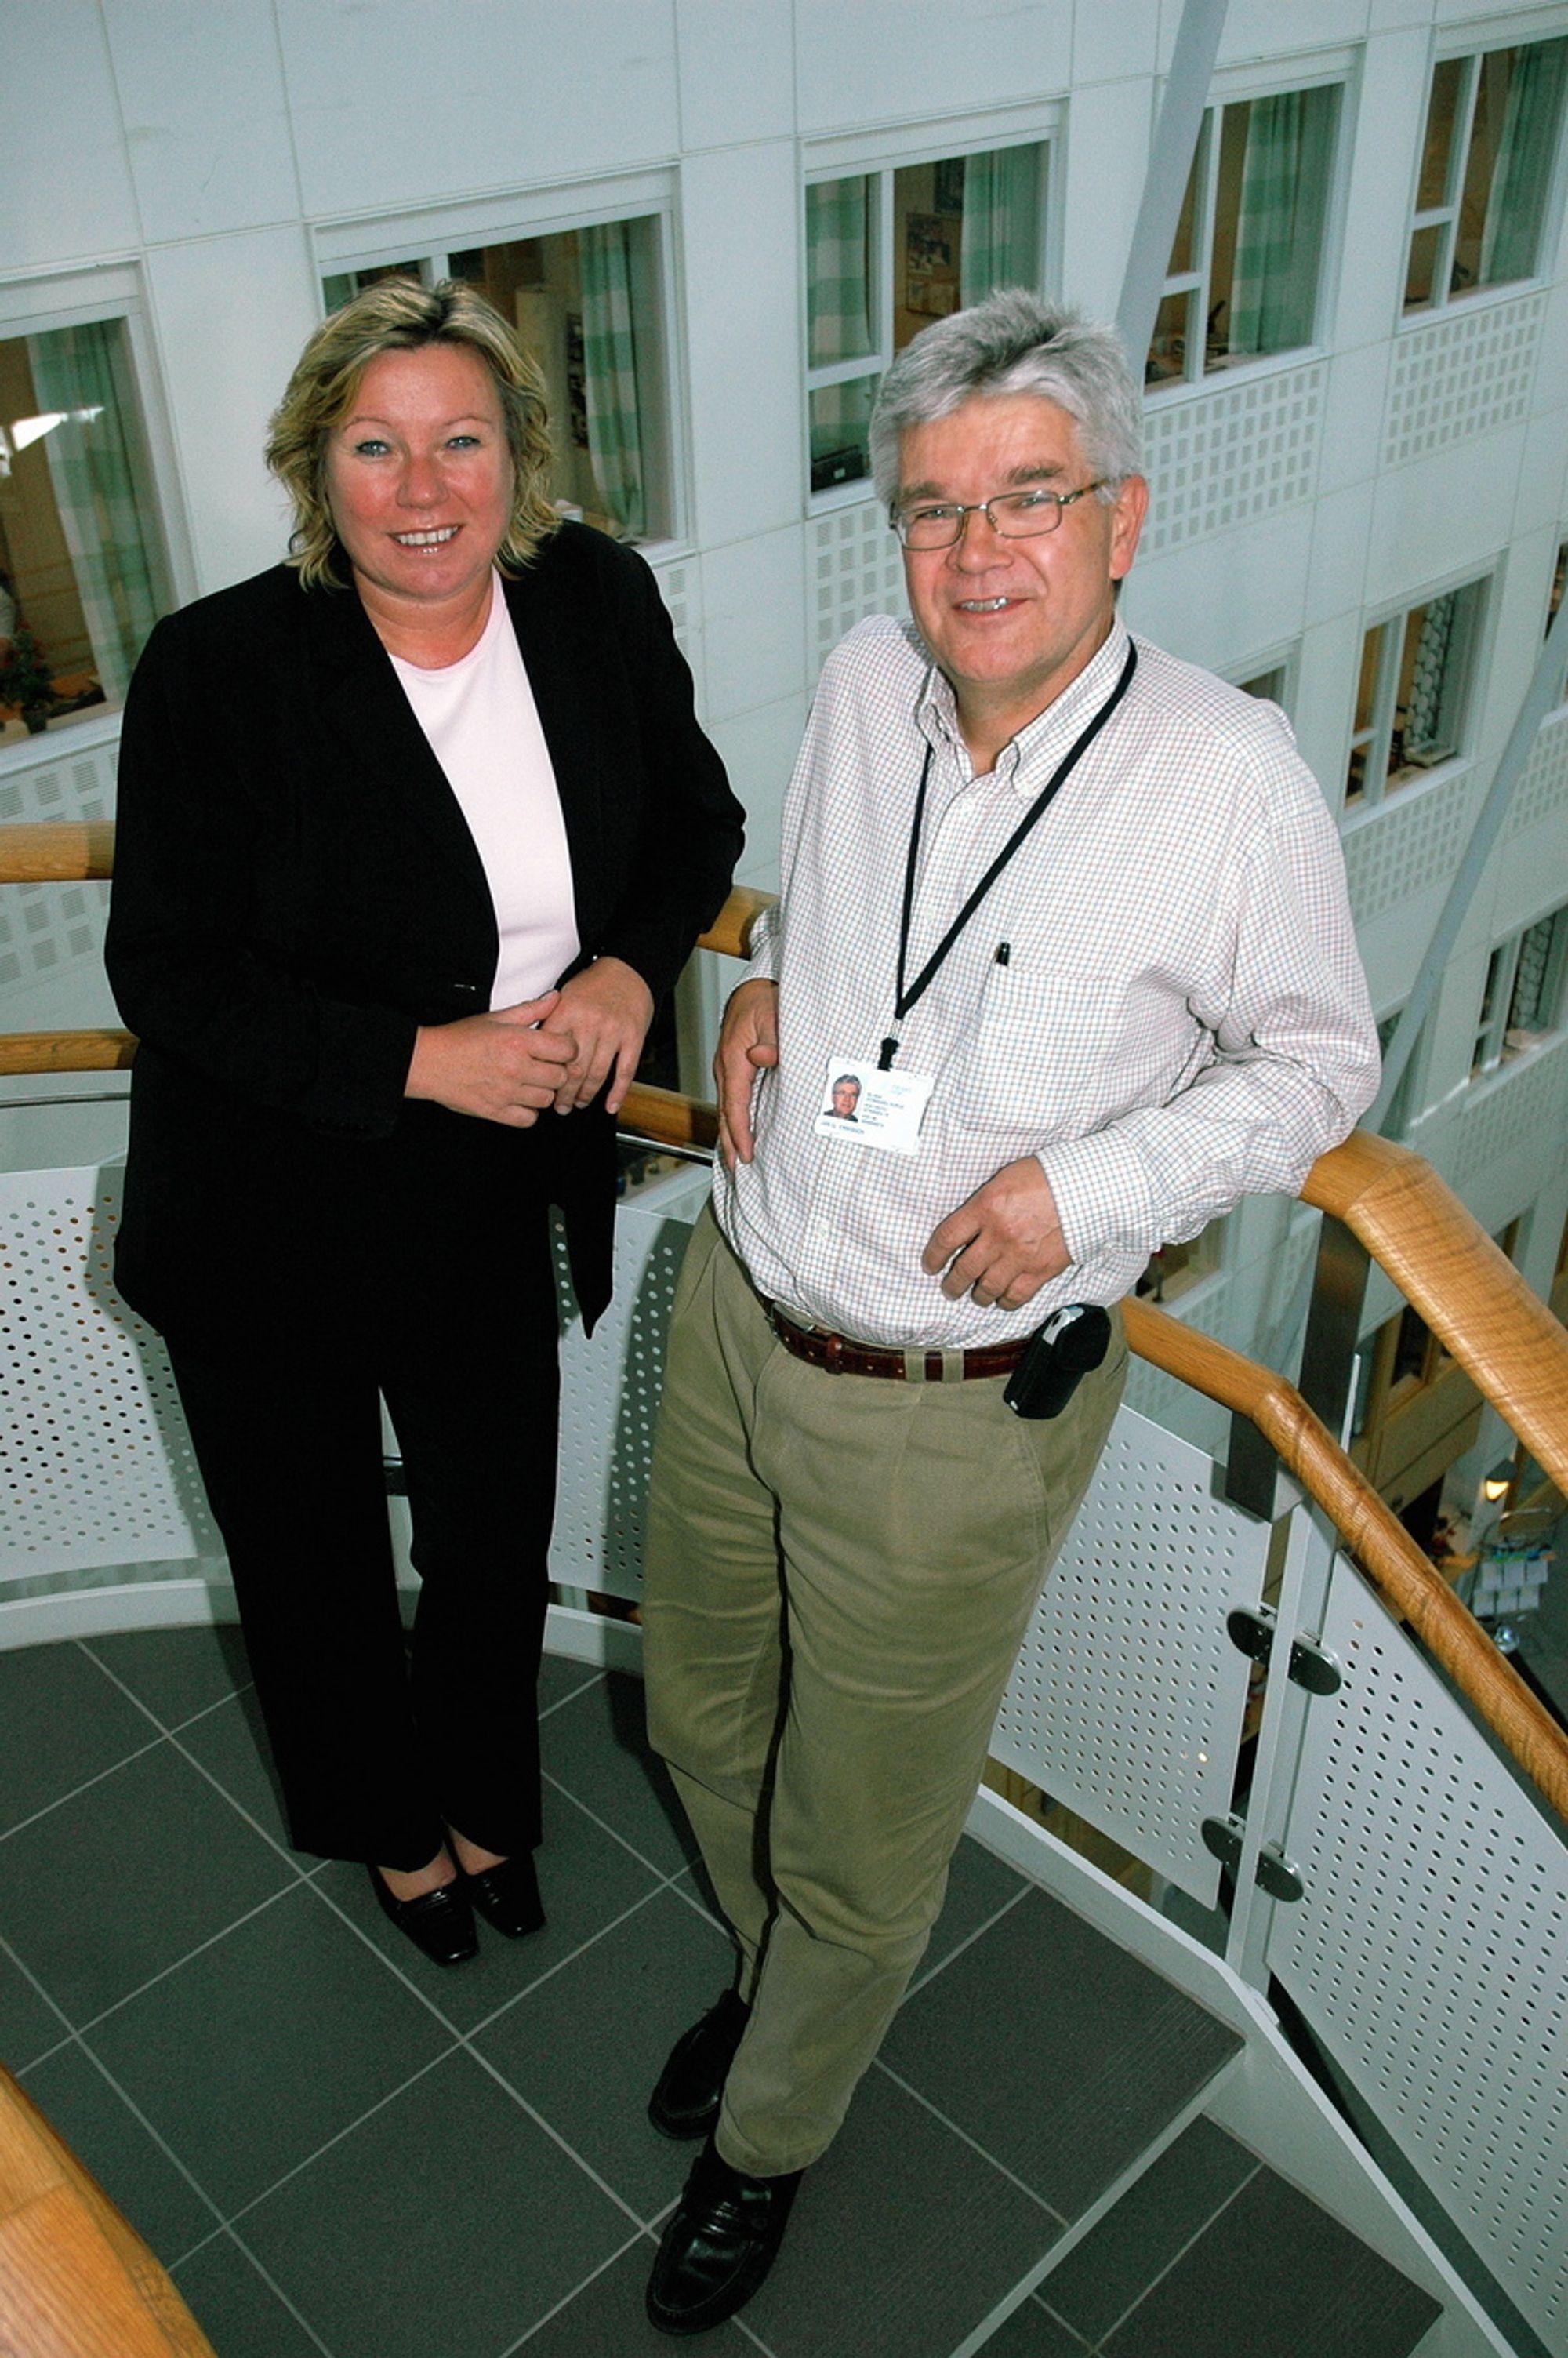 BRUK STANDARDER: Trine Tveter og Jan G. Eriksson i Standard Norge oppfordrer til å bruke anerkjente standarder. Det gir konkuransefortrinn mener de.